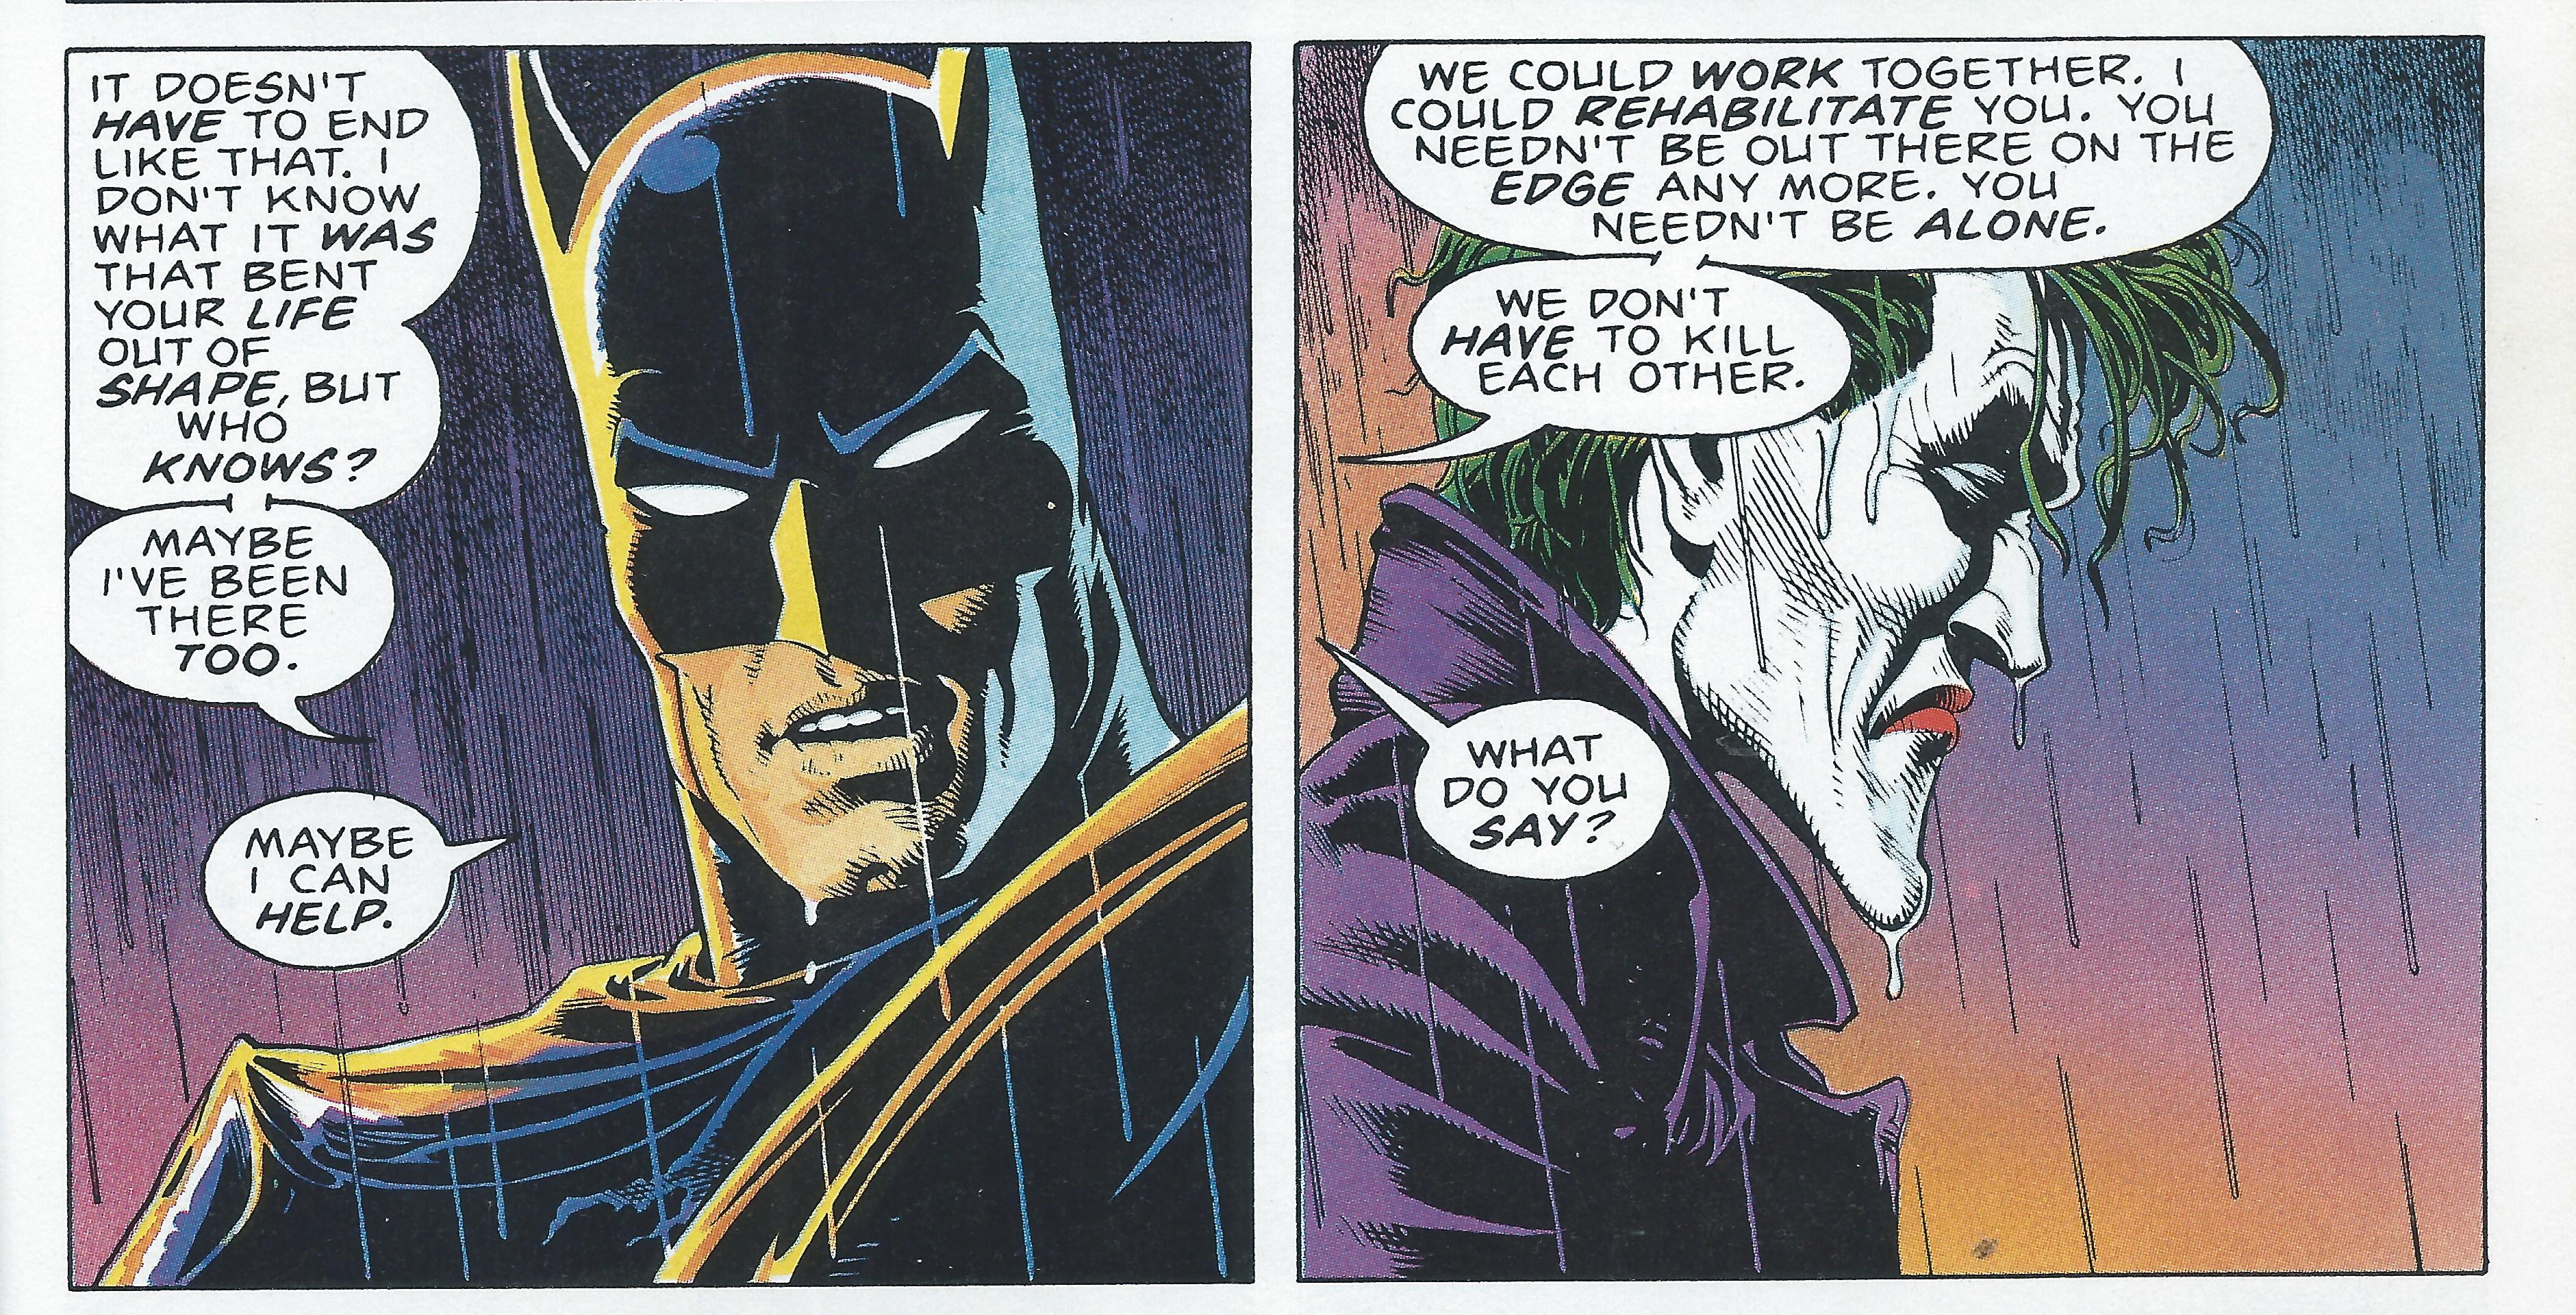 Batman and The Joker in The Killing Joke